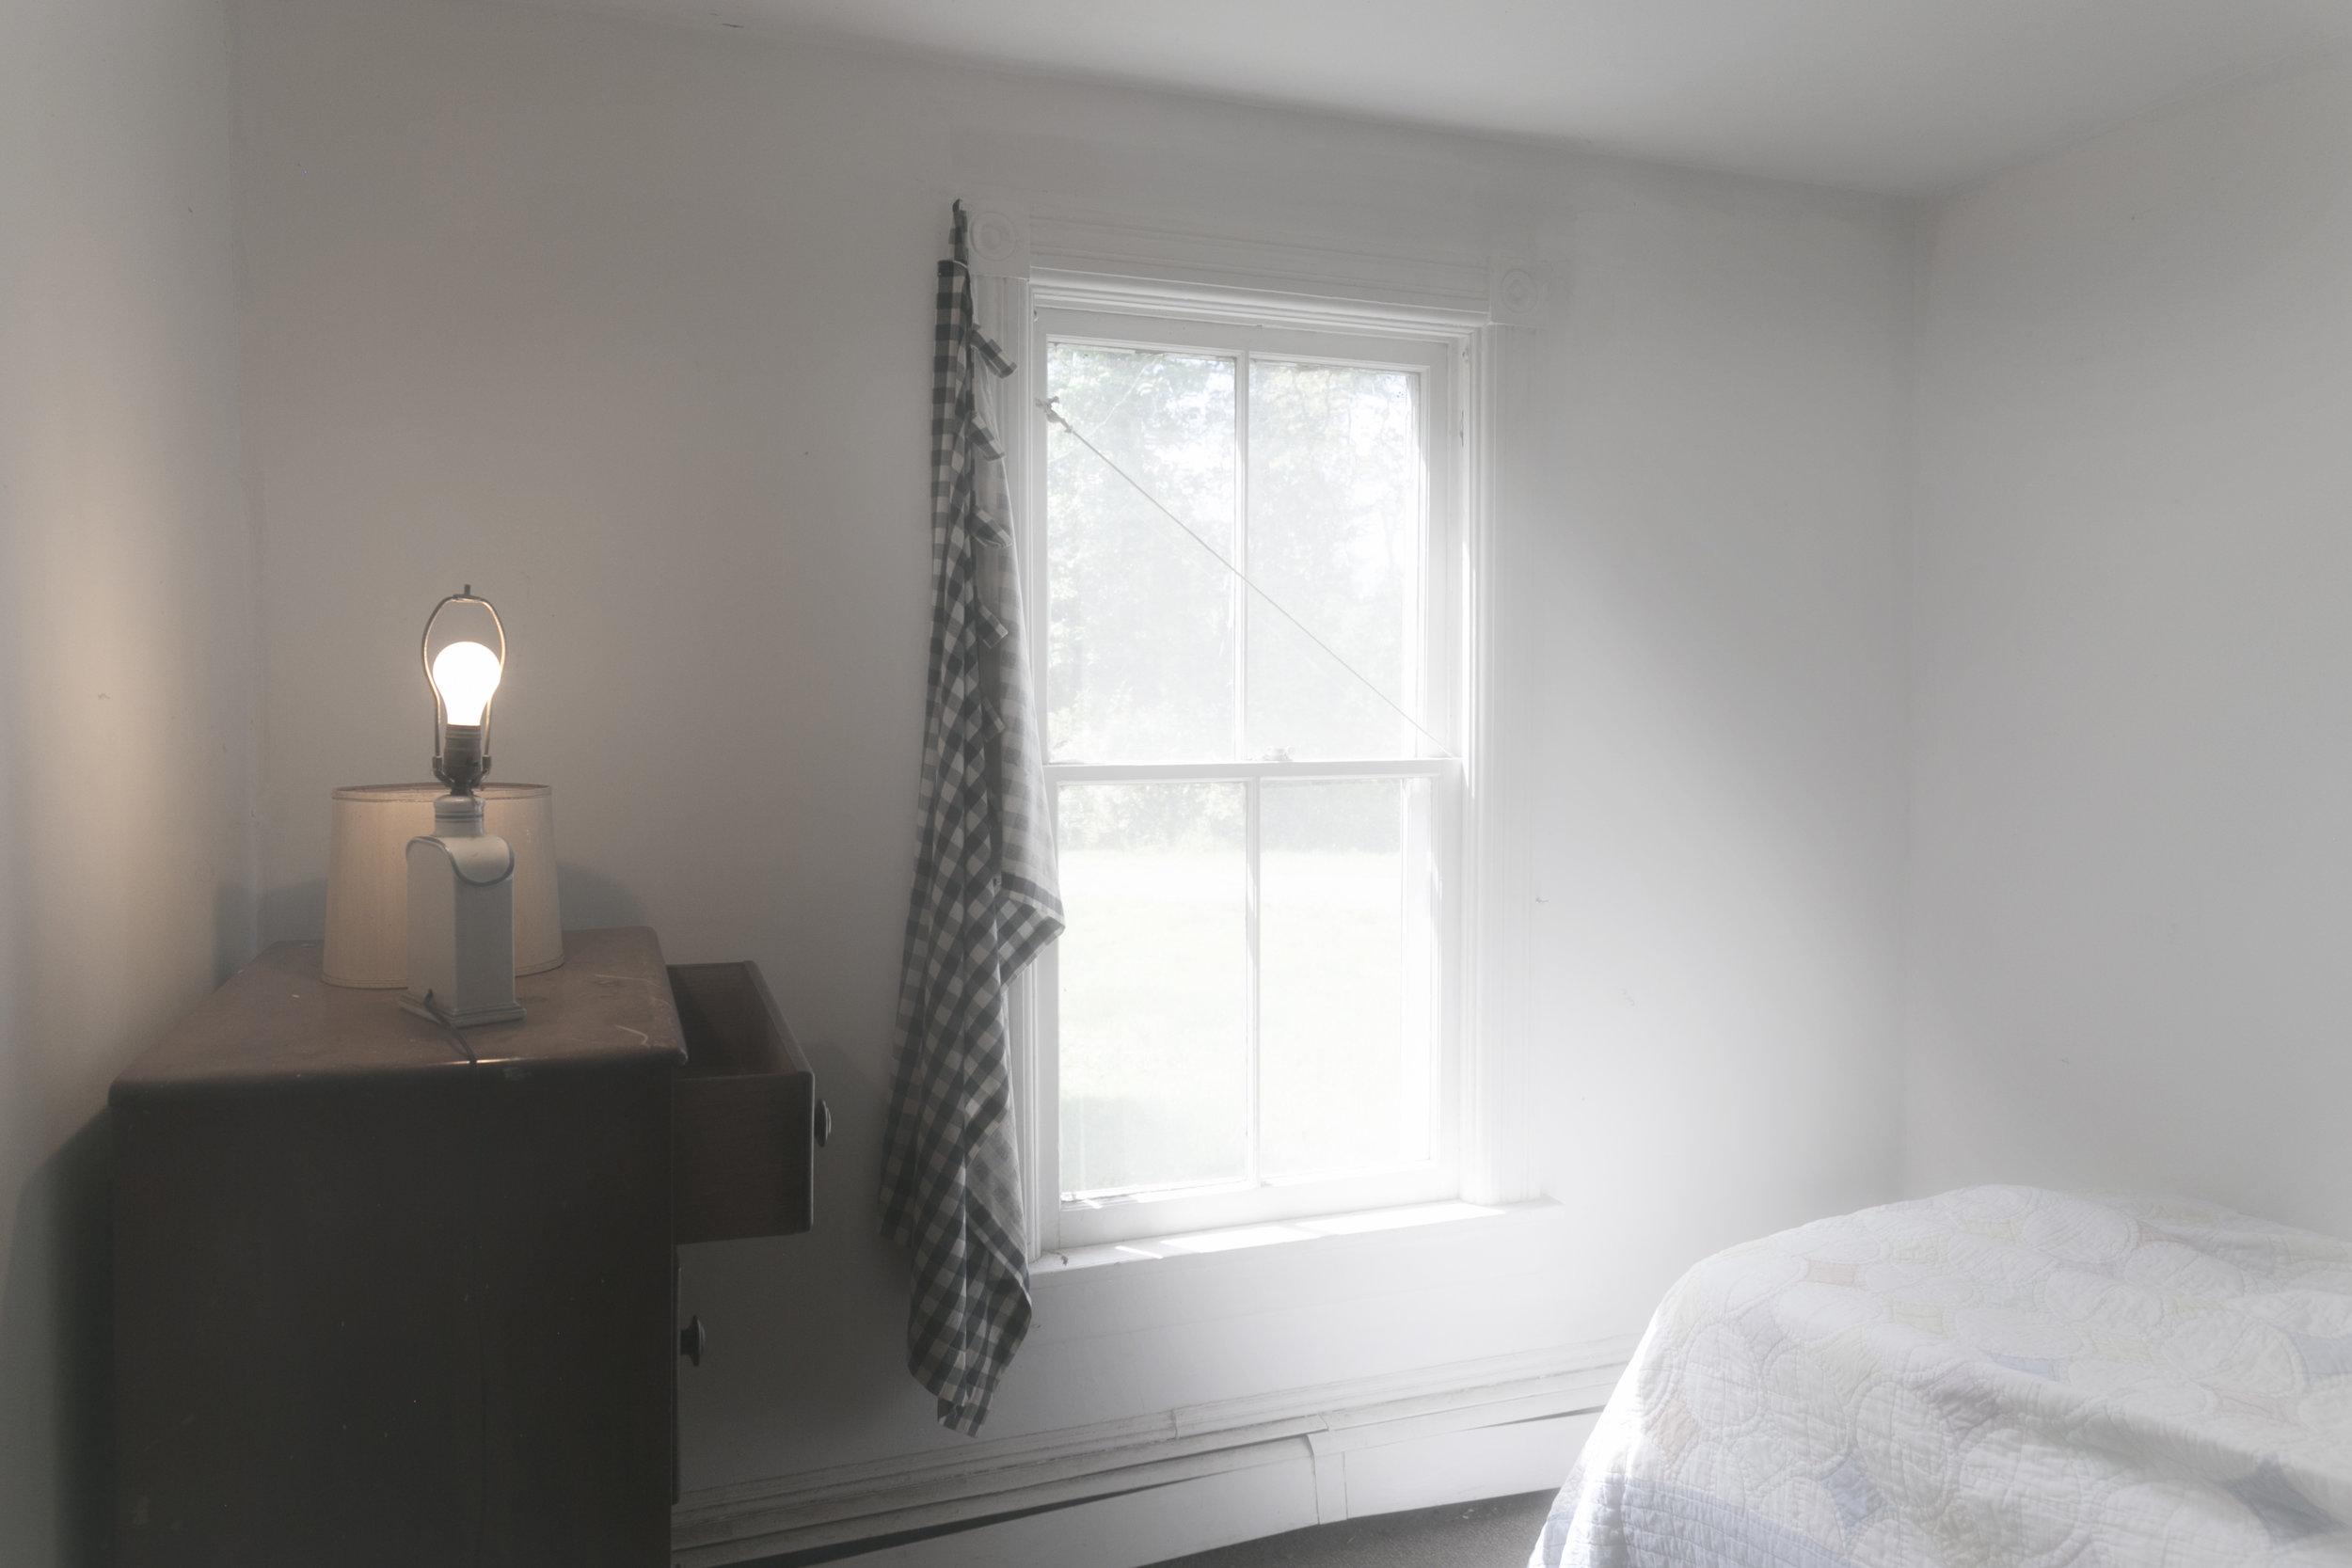 WhiteBedroom desat.jpg